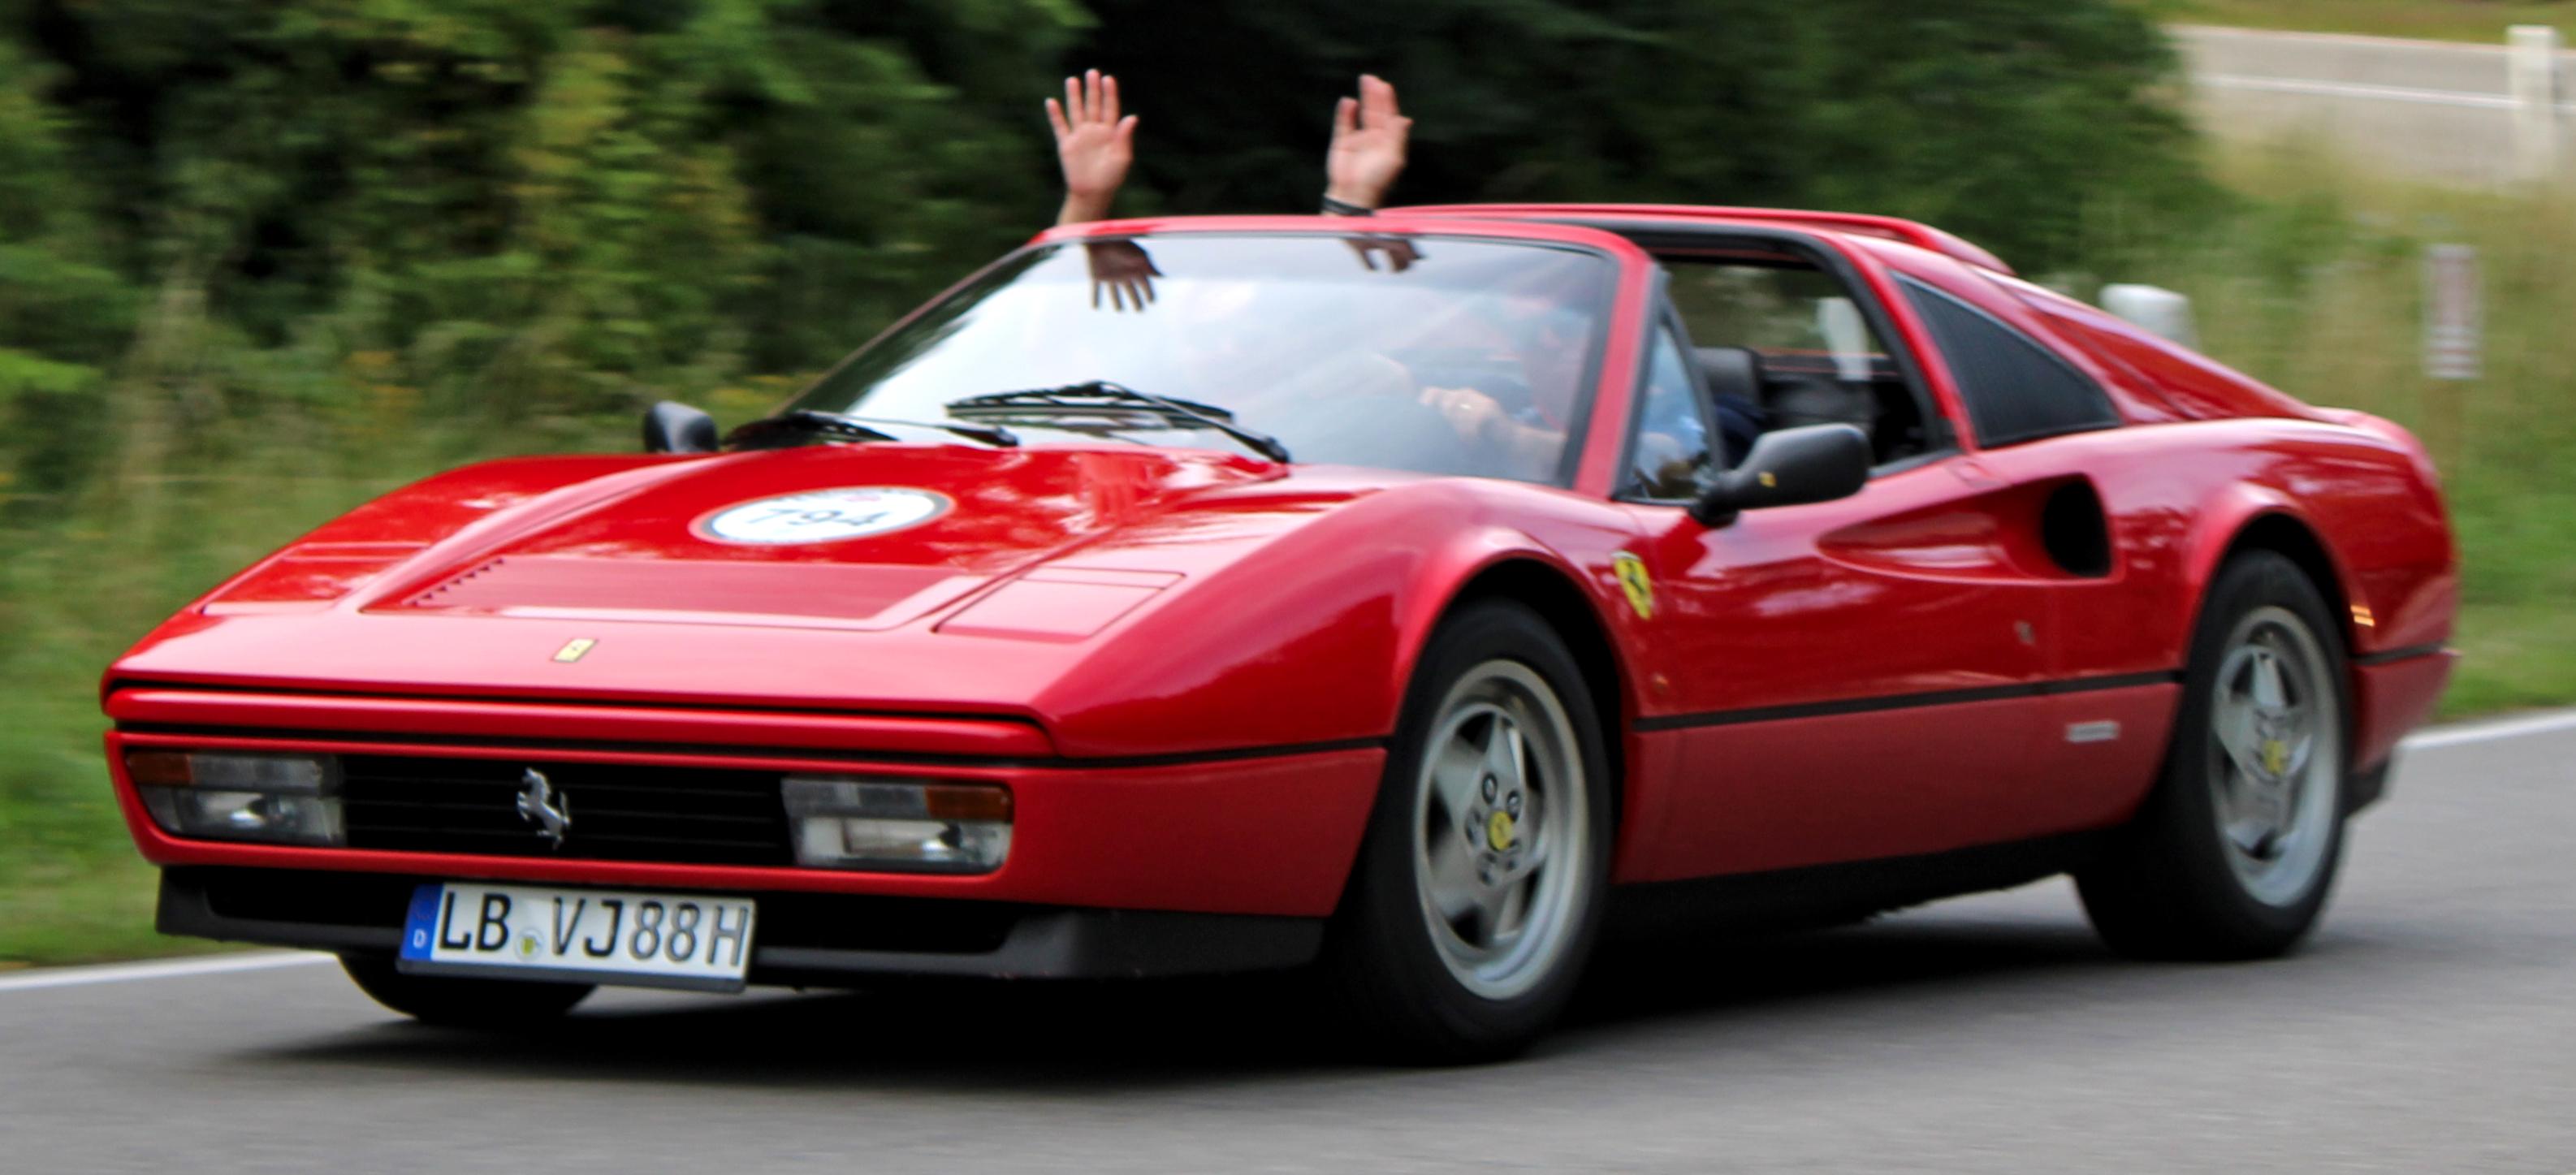 Ferrari 328 Wikipédia A Enciclopédia Livre